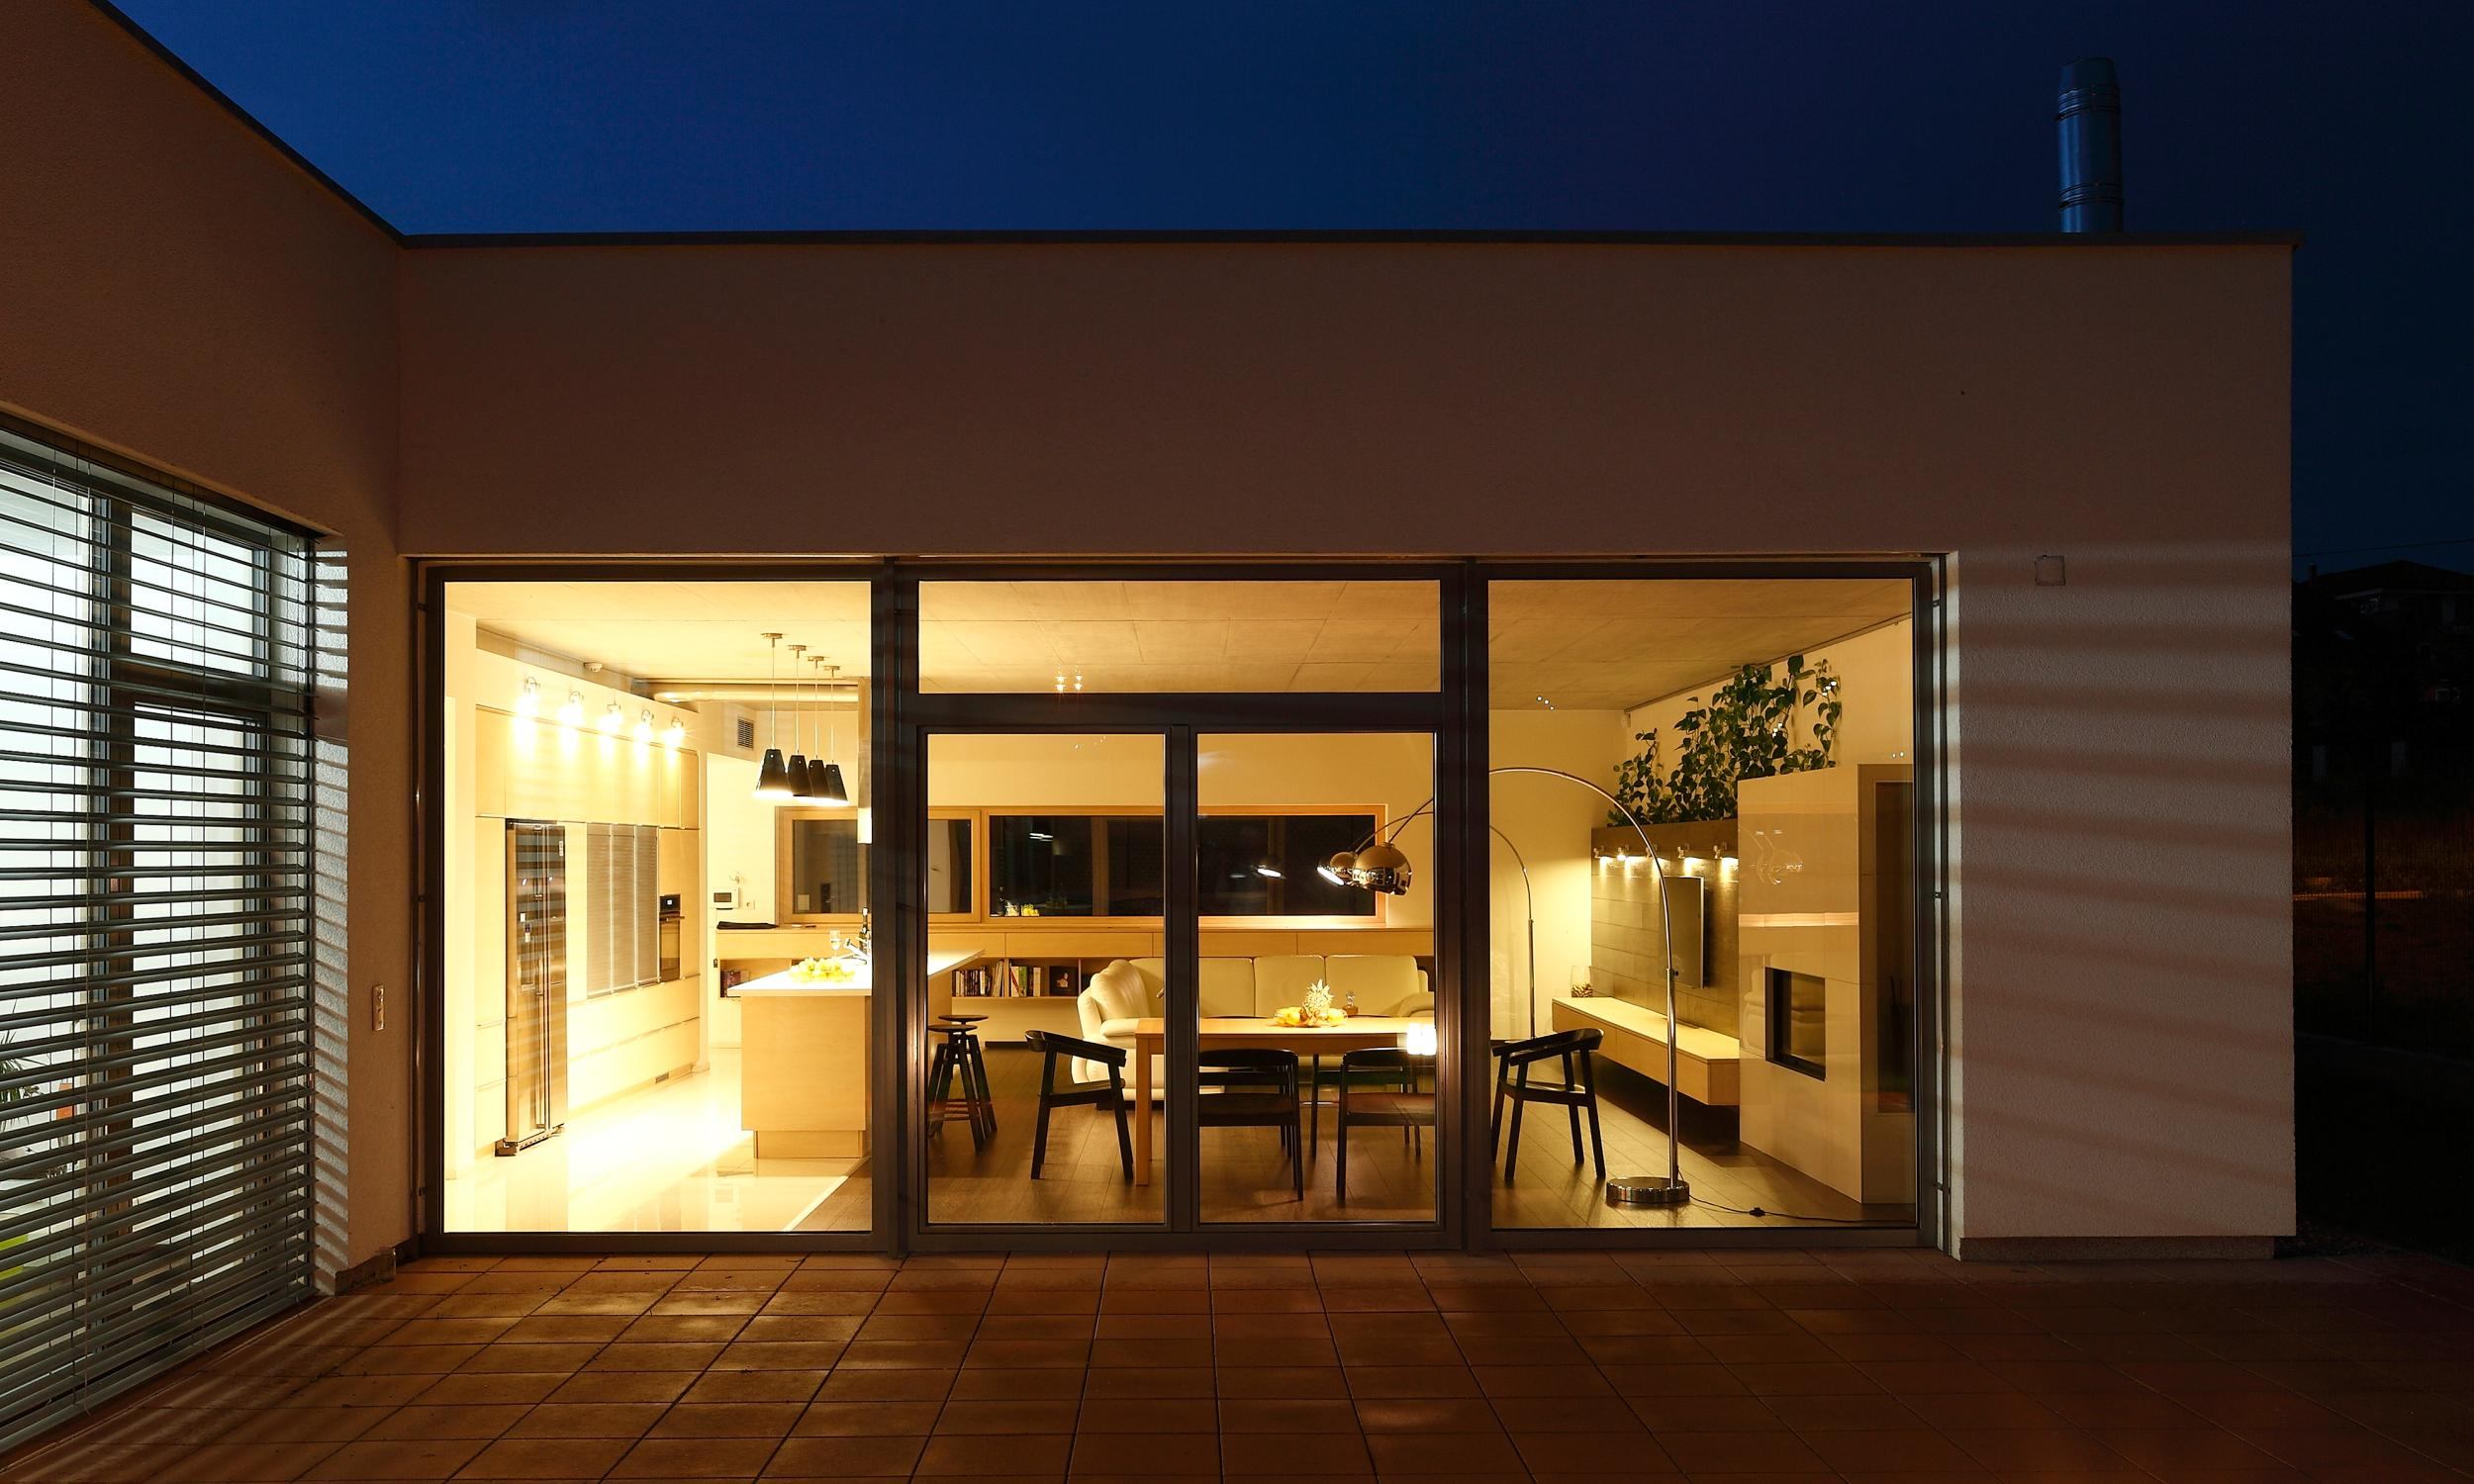 Modernes interieur im bungalow mit sichtbetondecke bratislava